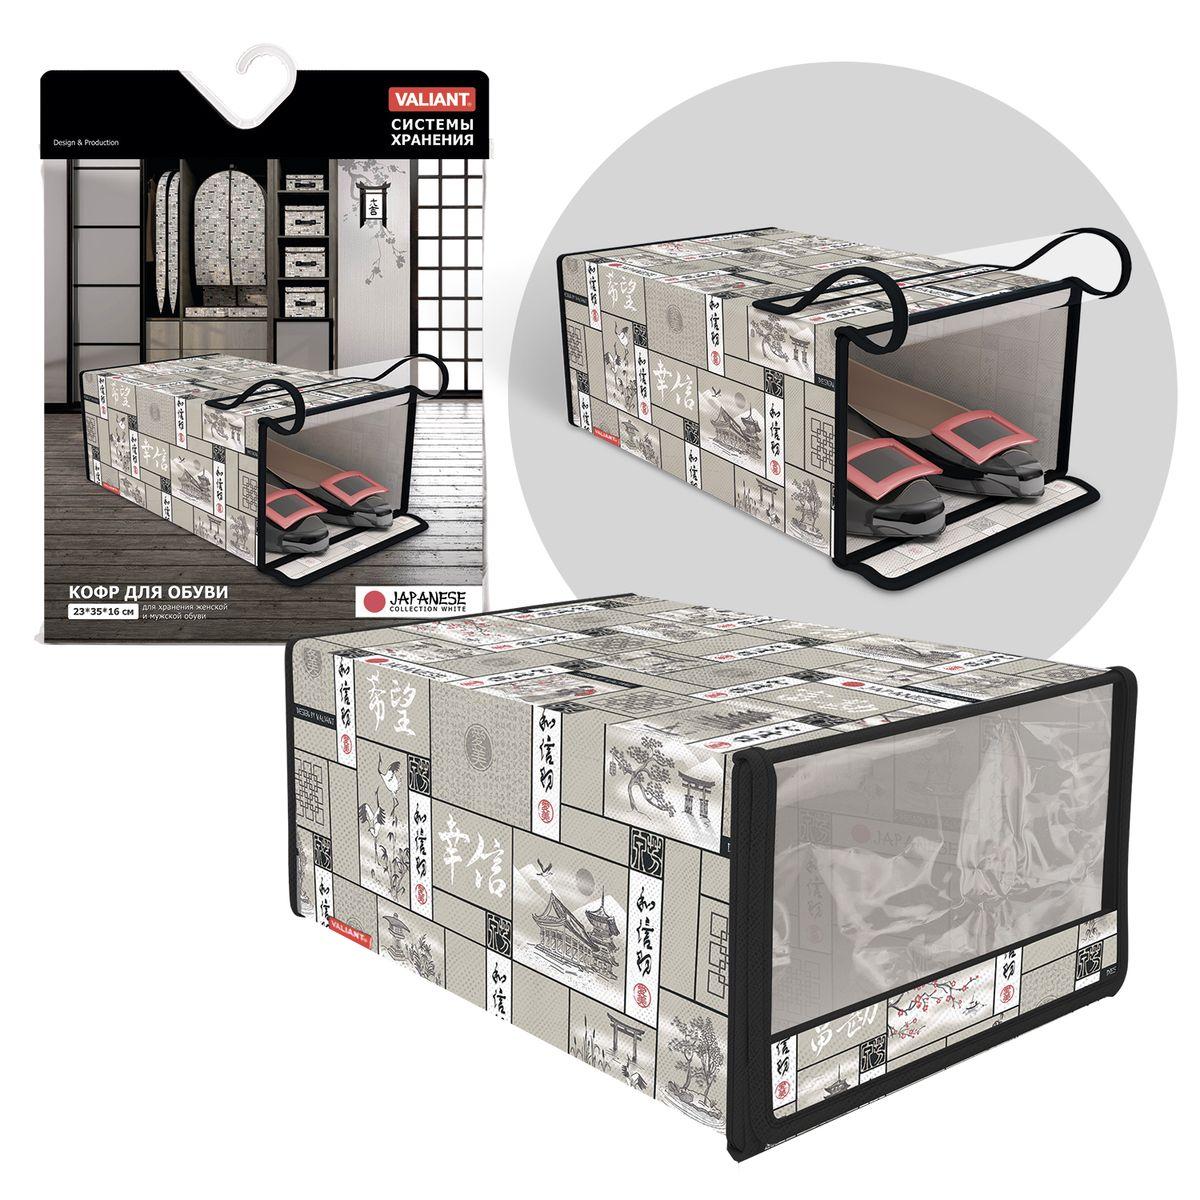 Кофр для хранения обуви Valiant Japanese White, 23 х 35 х 16 смJW-S1Кофр Valiant Japanese White изготовлен из высококачественного нетканого материала с фирменным орнаментом, который позволяет сохранять естественную вентиляцию, а воздуху свободно проникать внутрь, не пропуская пыль. Благодаря специальной картонной вставке, кофр прекрасно держит форму, а эстетичный дизайн гармонично смотрится в любом интерьере. Изделие идеально подходит для хранения обуви. Мобильность конструкции обеспечивает складывание и раскладывание одним движением. Кофр Valiant Japanese White - это новый взгляд на систему хранения - теперь хранить вещи не только удобно, но и красиво. Прозрачная вставкаиз ПВХ позволяет видеть содержимое.Размер кофра: 23 х 35 х 16 см.